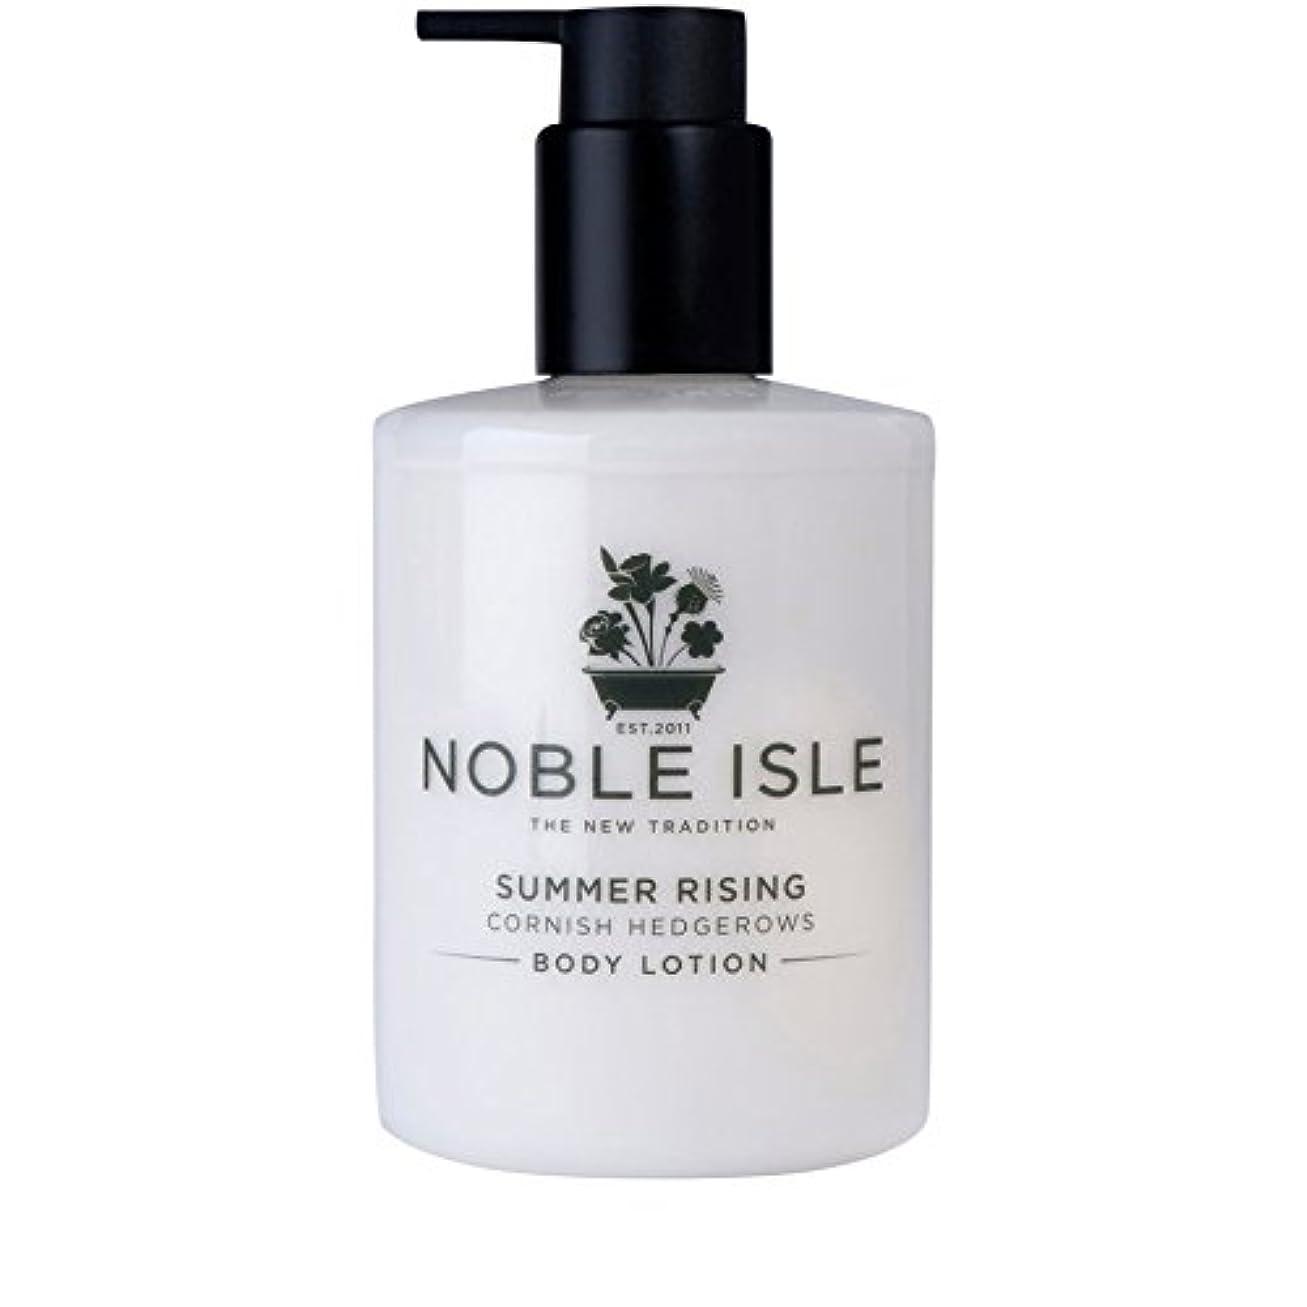 呼吸盆地砦Noble Isle Summer Rising Cornish Hedgerows Body Lotion 250ml (Pack of 6) - コーニッシュ生け垣ボディローション250ミリリットルを上昇高貴な島の夏 x6 [並行輸入品]